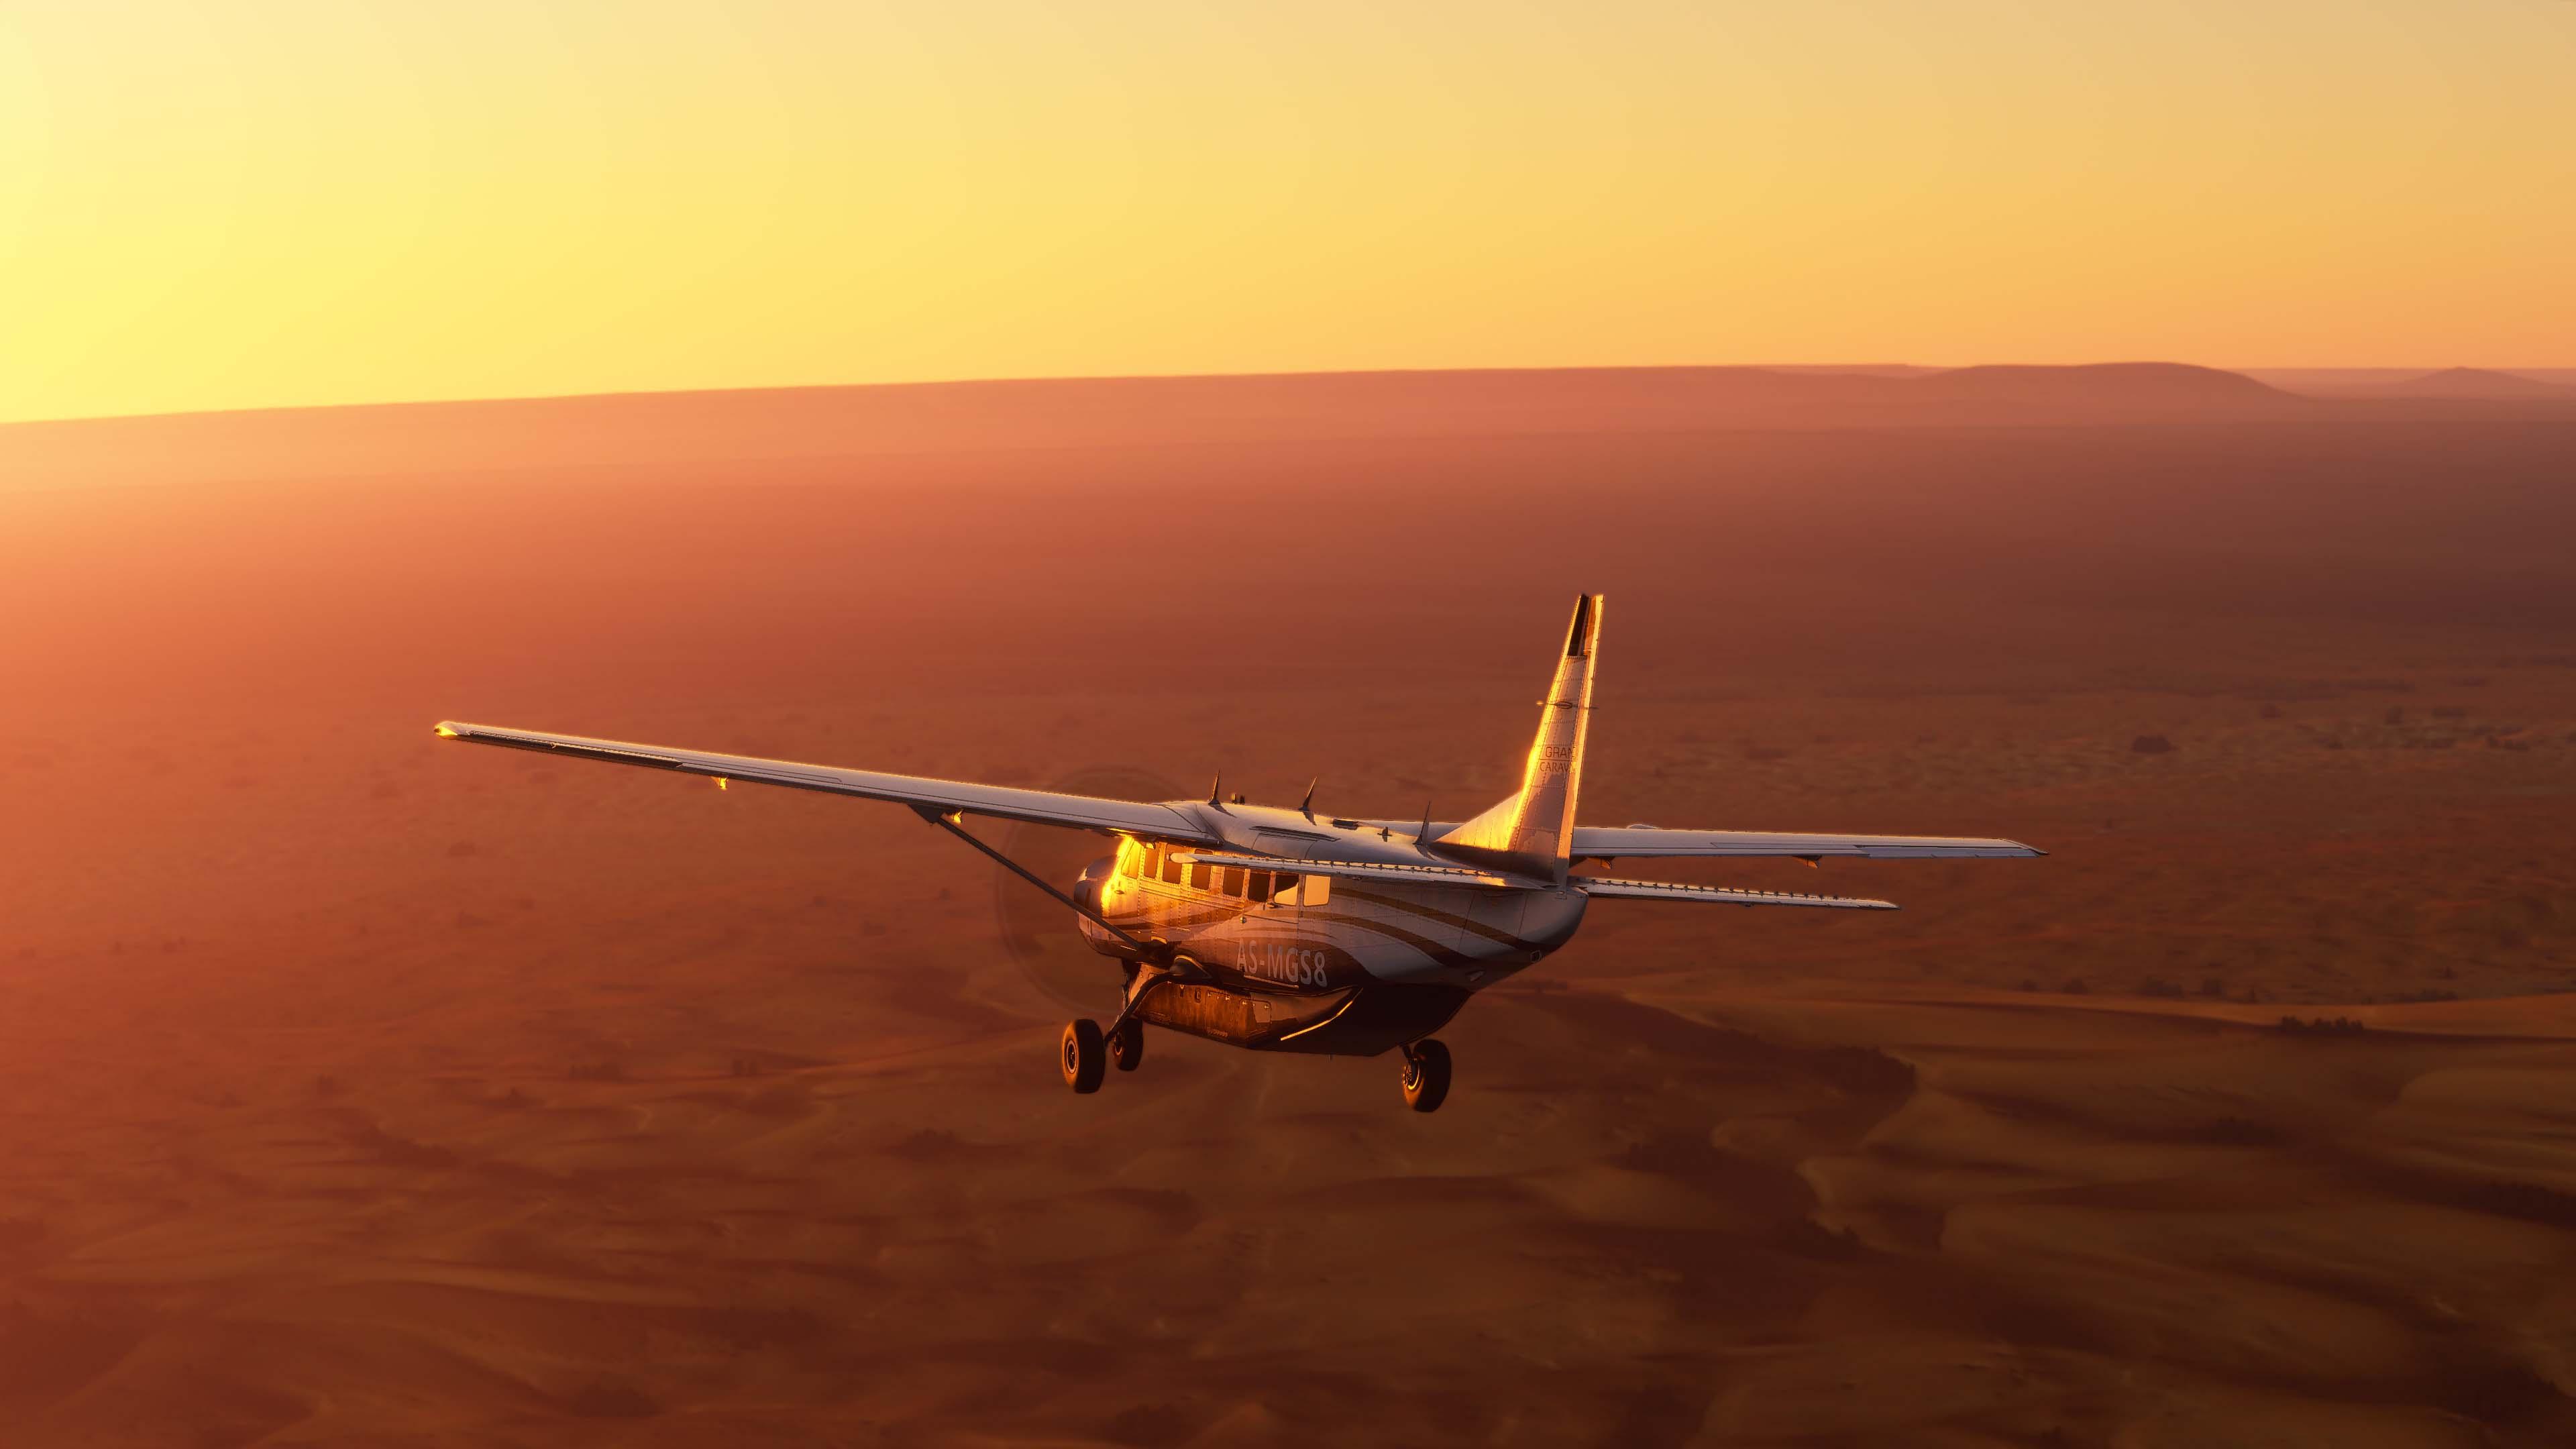 Microsoft Flight Simulator corría en un PC con la GPU más potente del mercado y 32 GB de RAM durante el X019 4